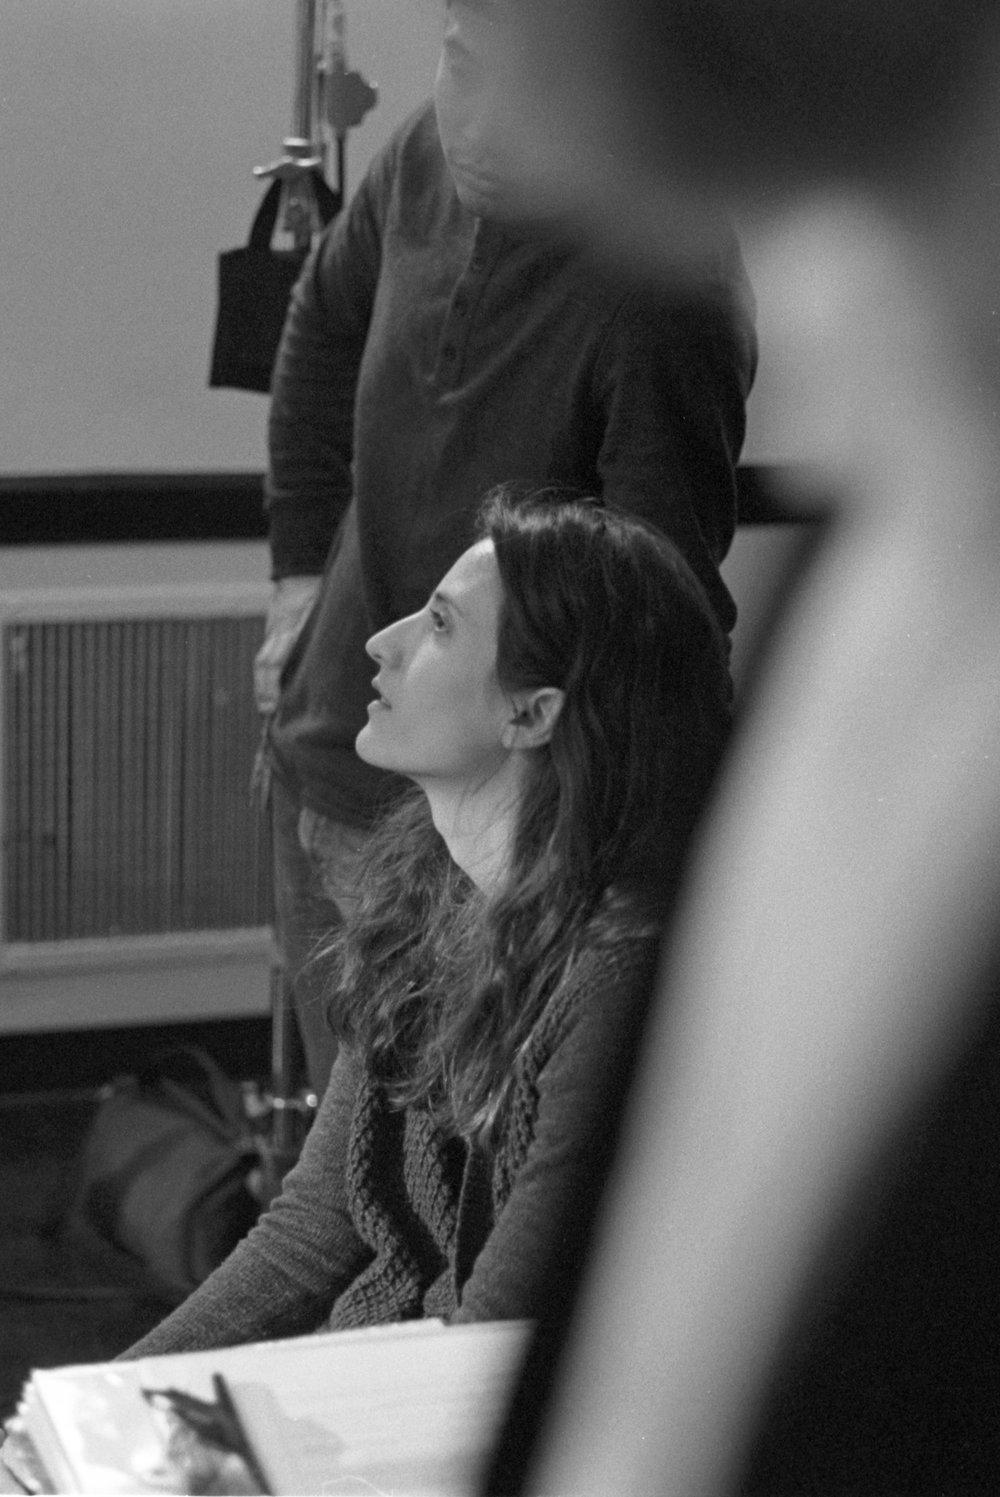 Writer/Director Rebekah Fieschi